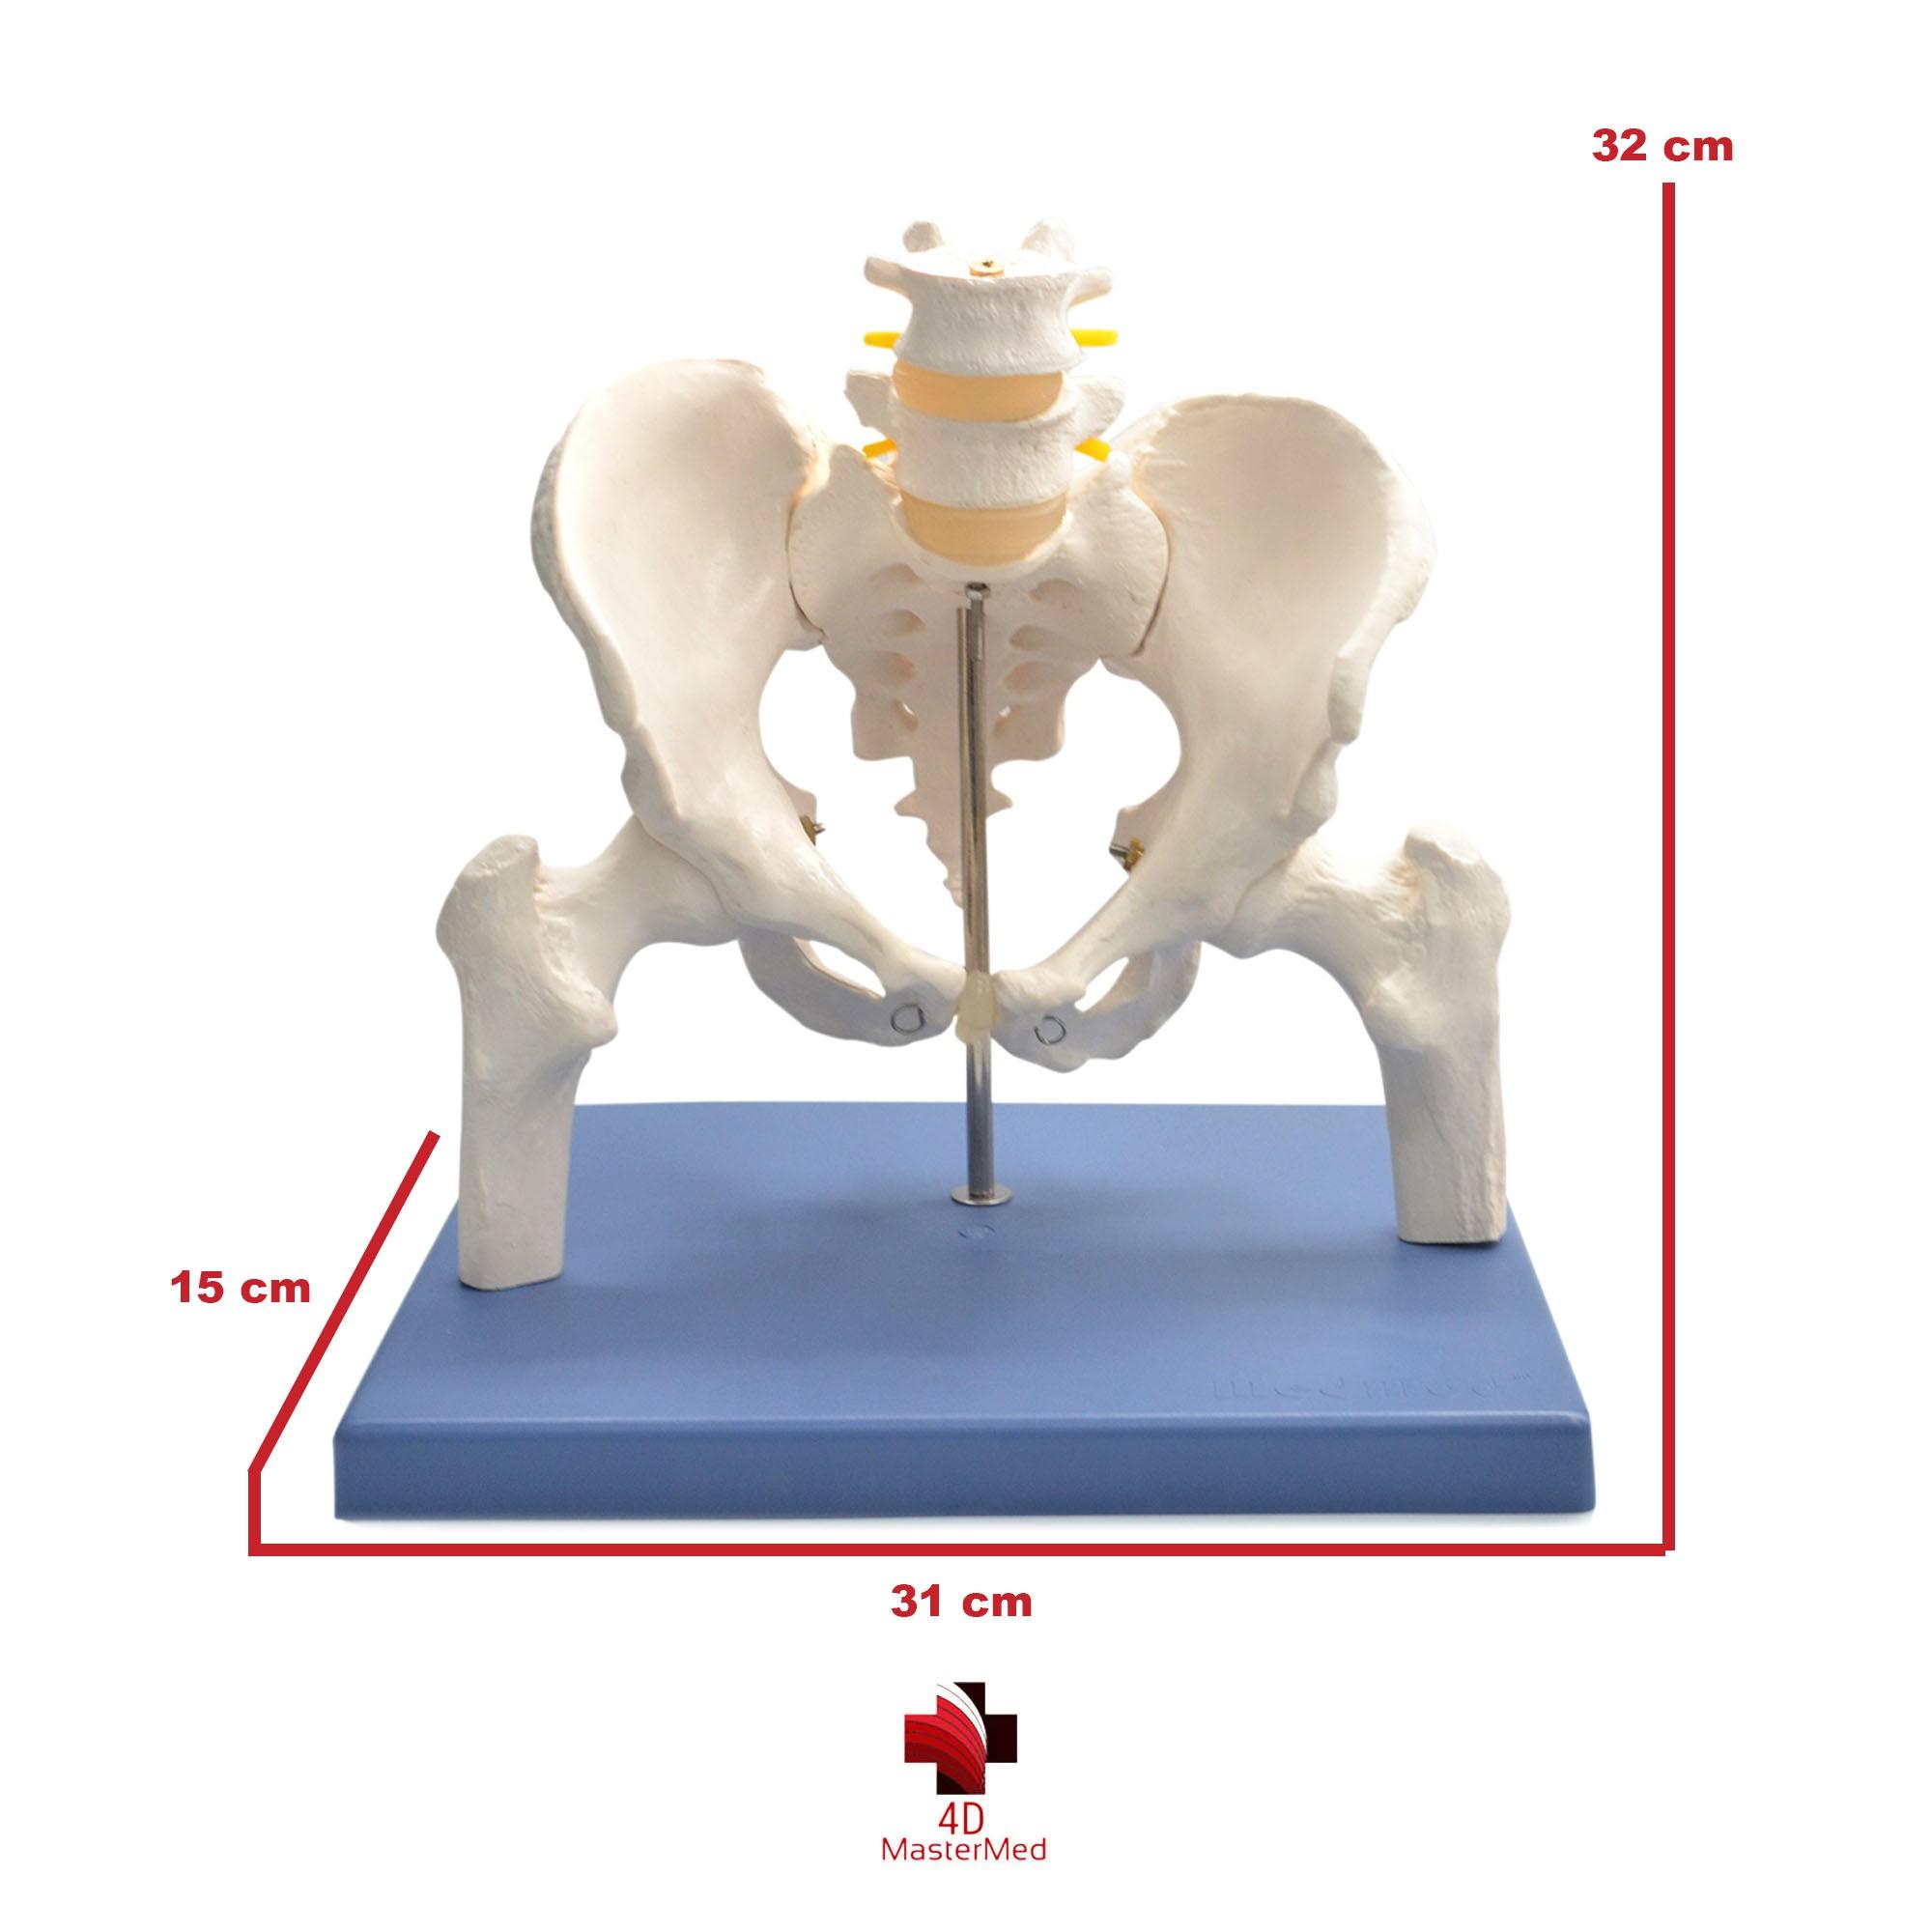 Anatomia da Pelve Masculina com Lombar e Fêmur